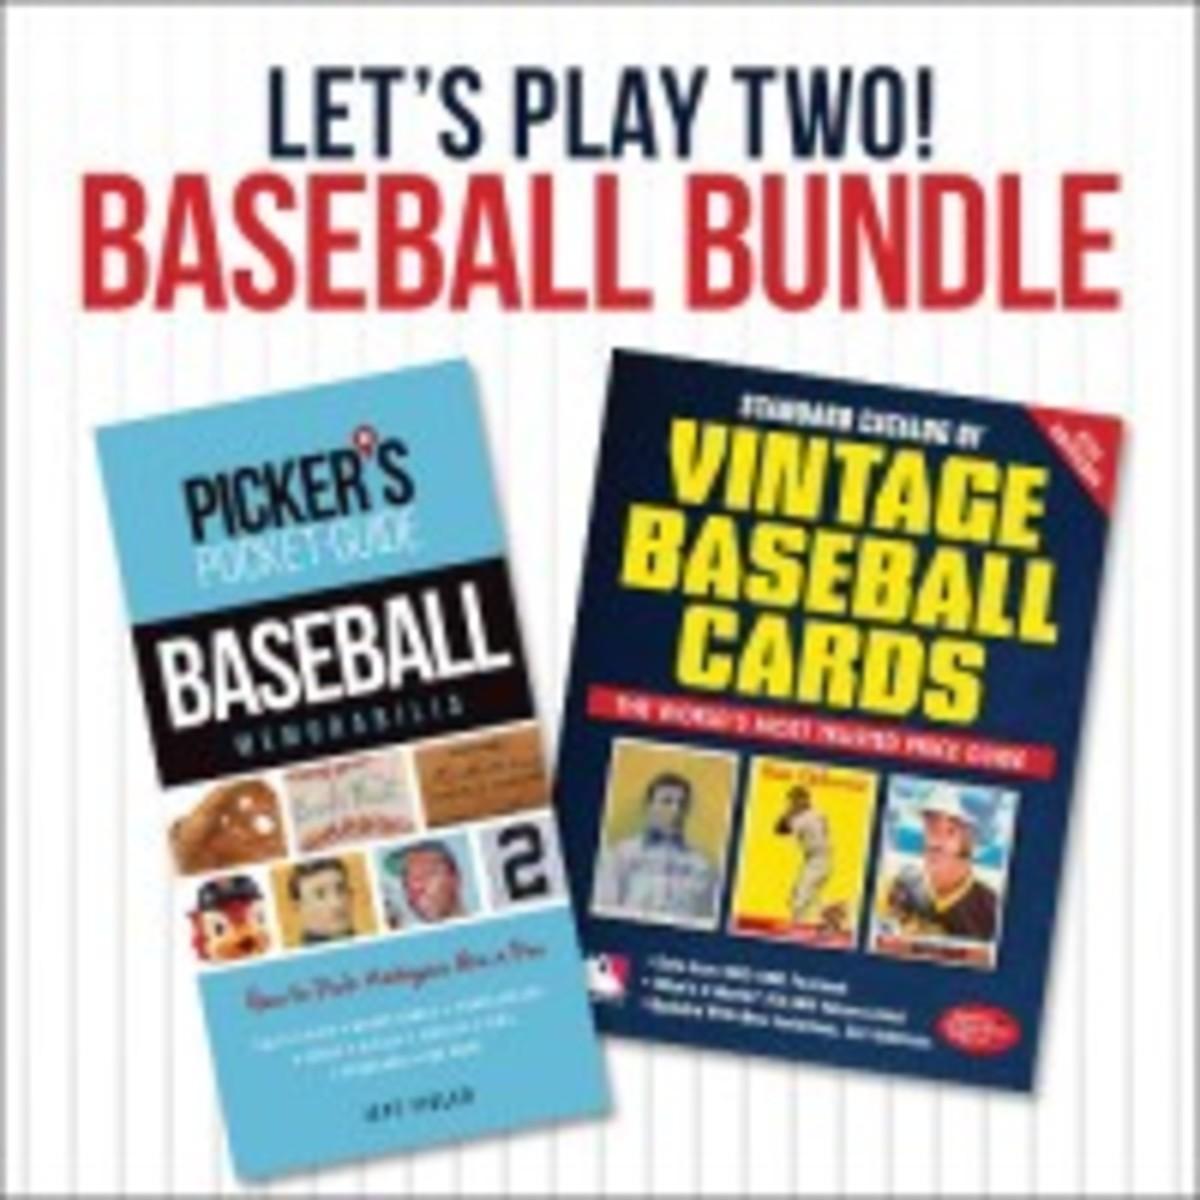 ac_baseballbundle-500